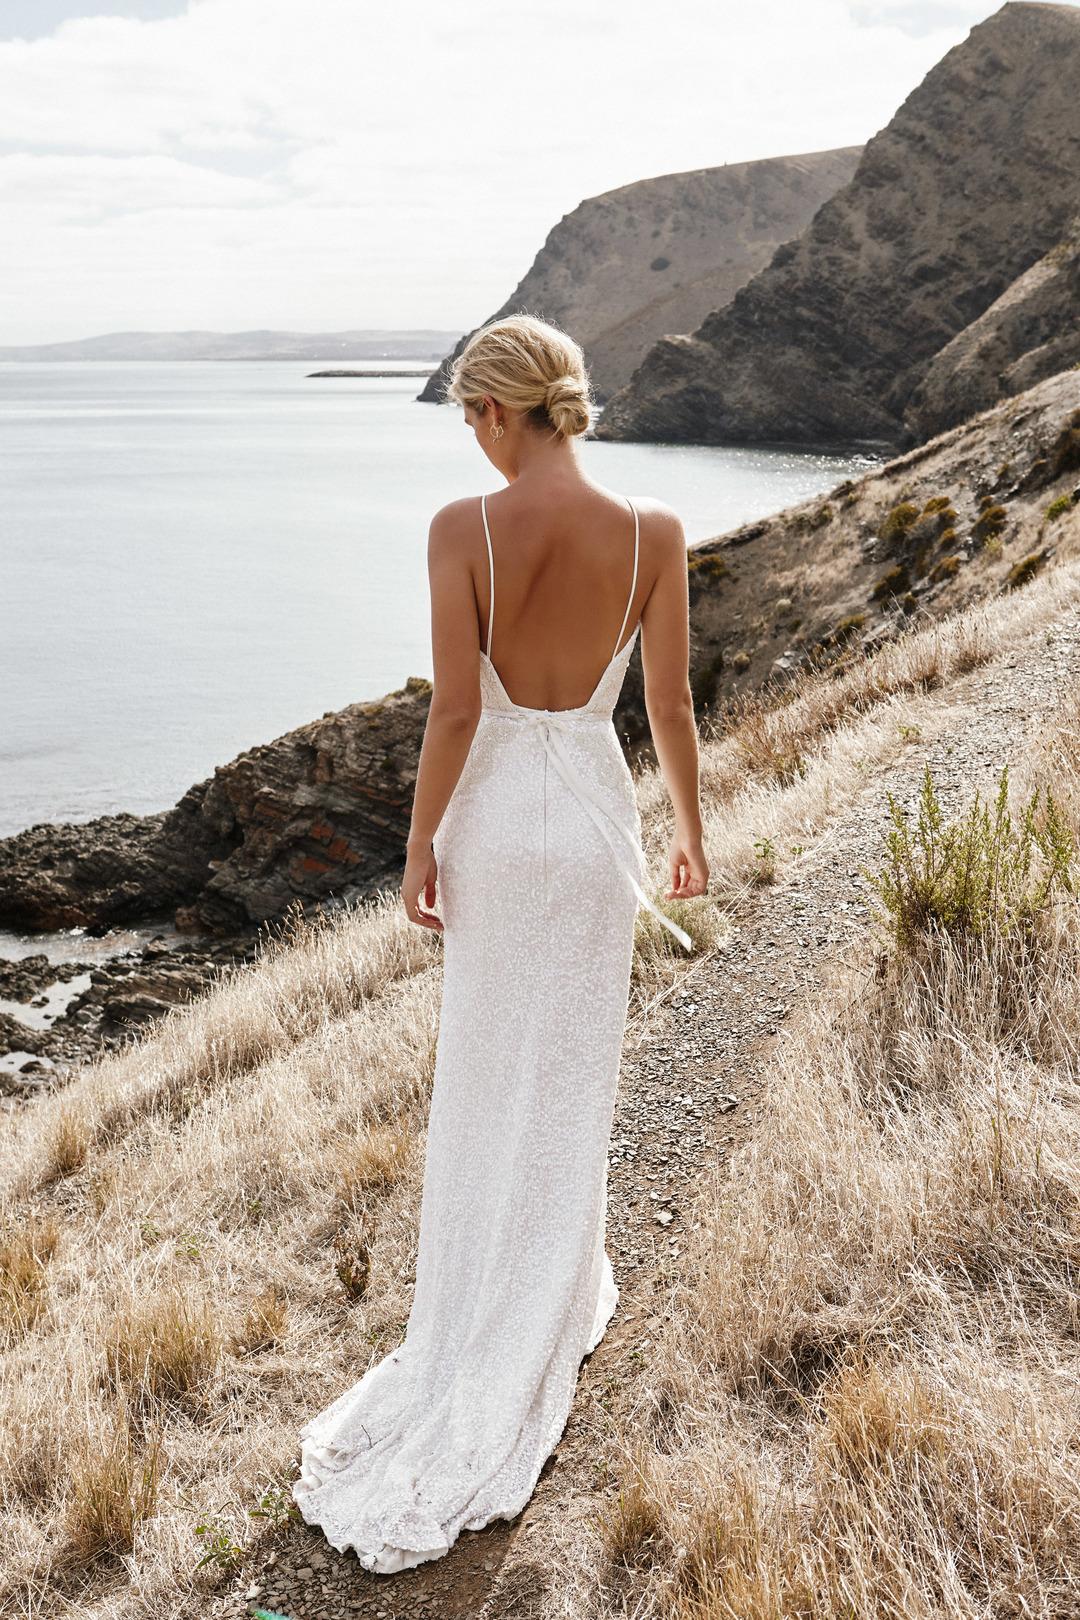 roxy dress photo